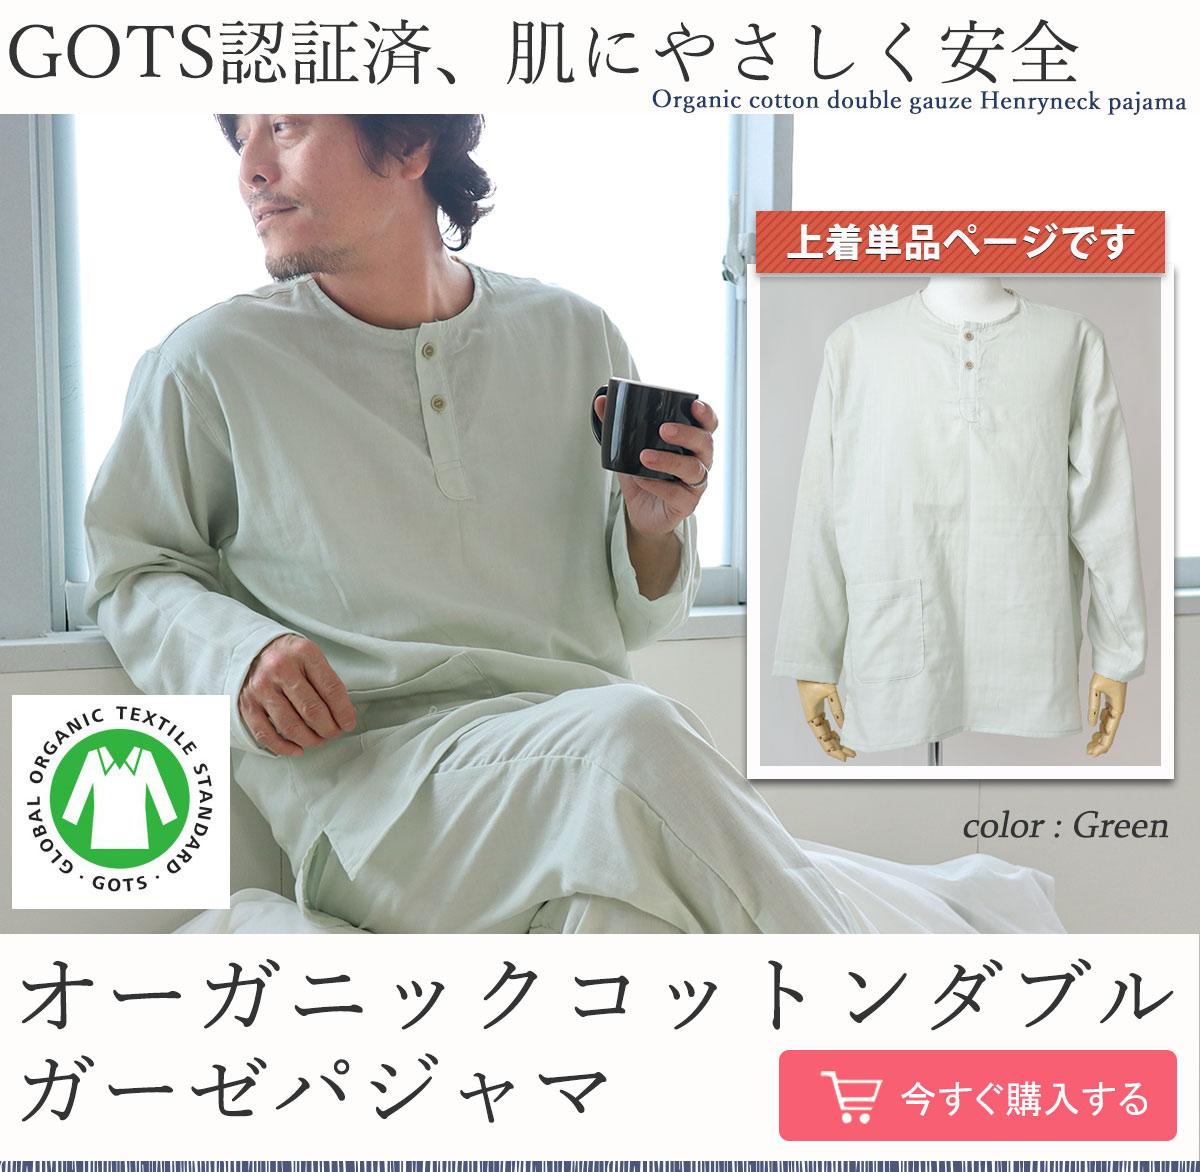 GOTS認証済、肌にやさしく安全、オーガニックコットンダブルガーゼヘンリーネックメンズパジャマ上着単品